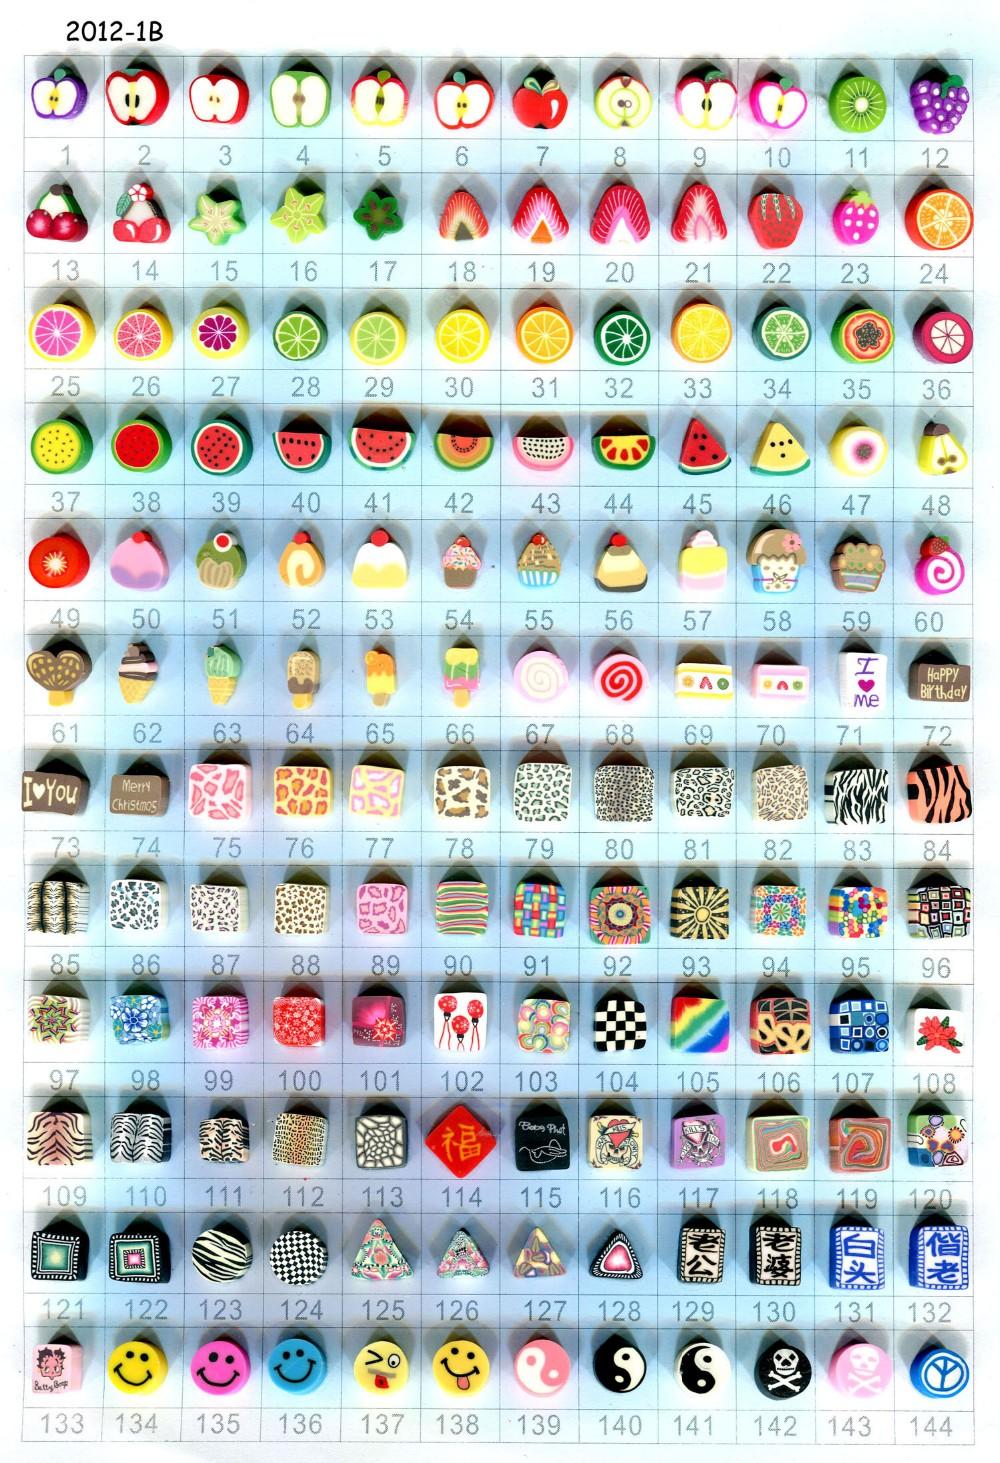 acrylic nail supplies beauty nail art polymer clay bar (2).jpg